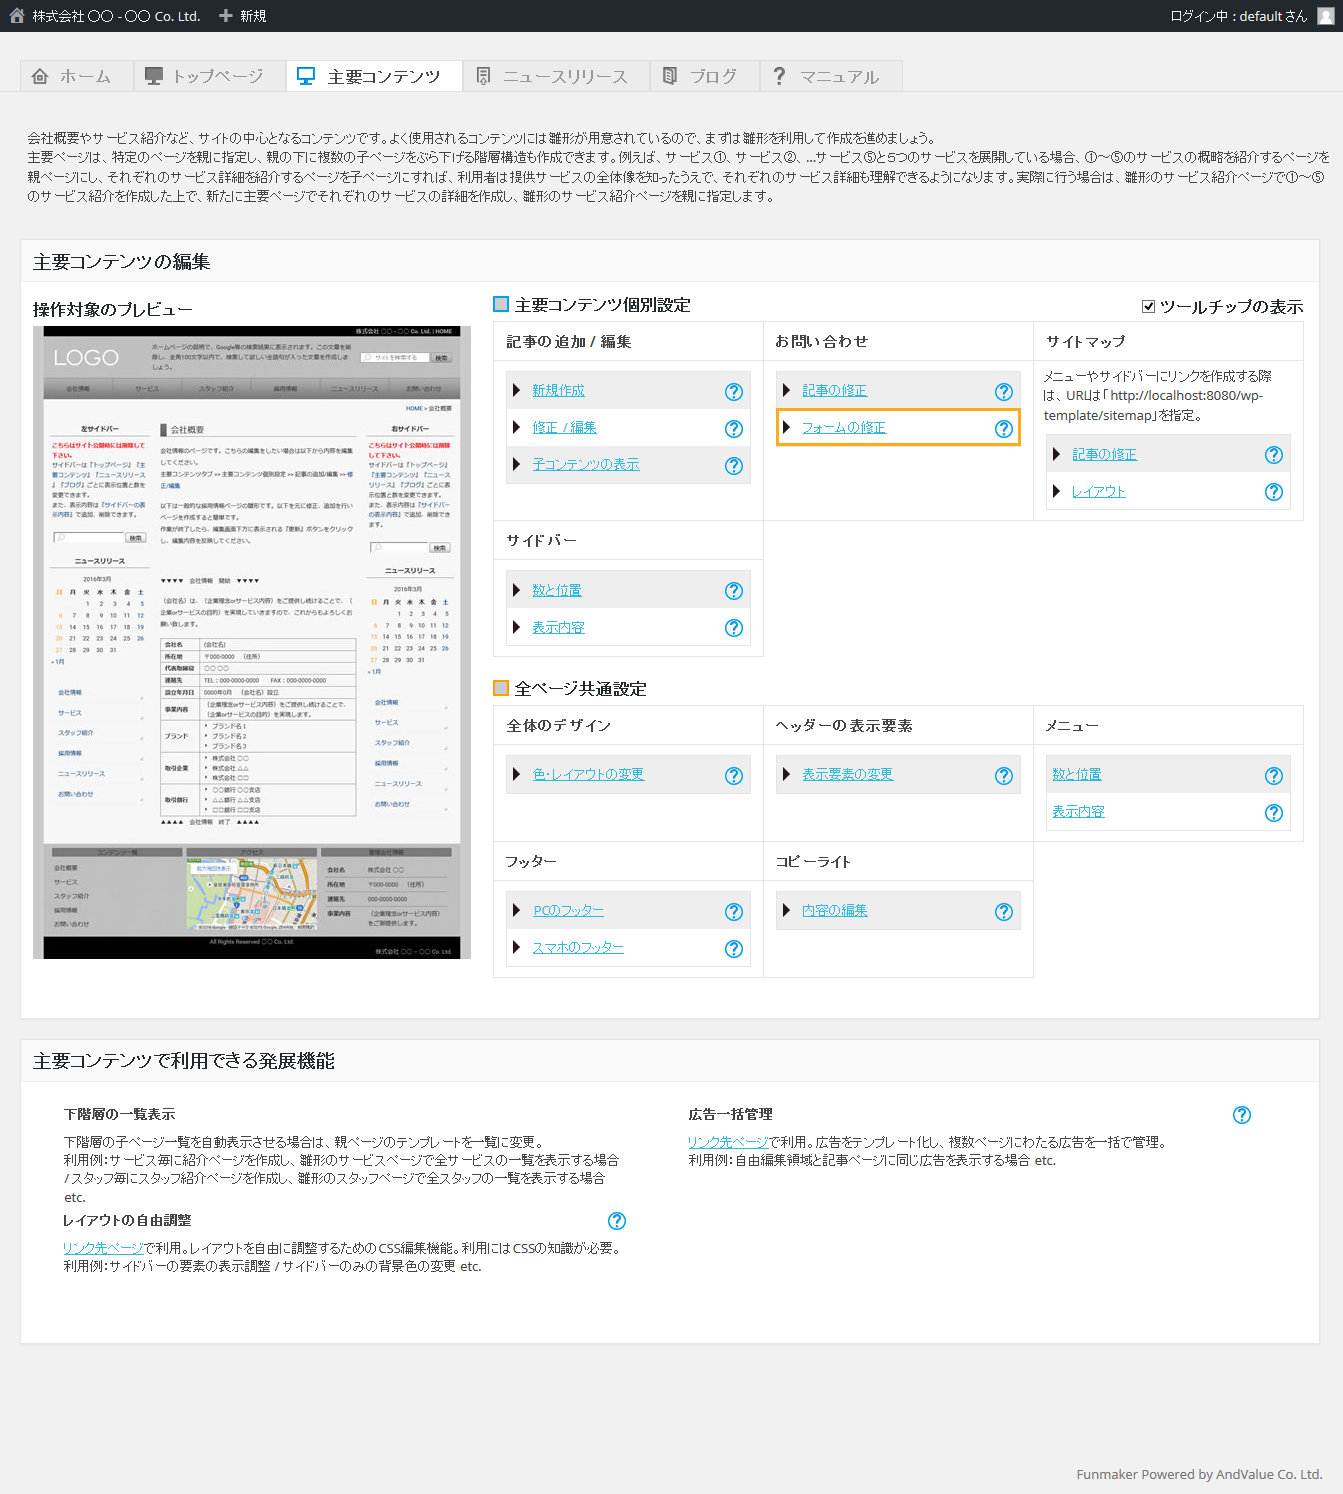 問い合わせフォームの修正 リンク - 簡単格安ホームページ作成会社 -FunMaker